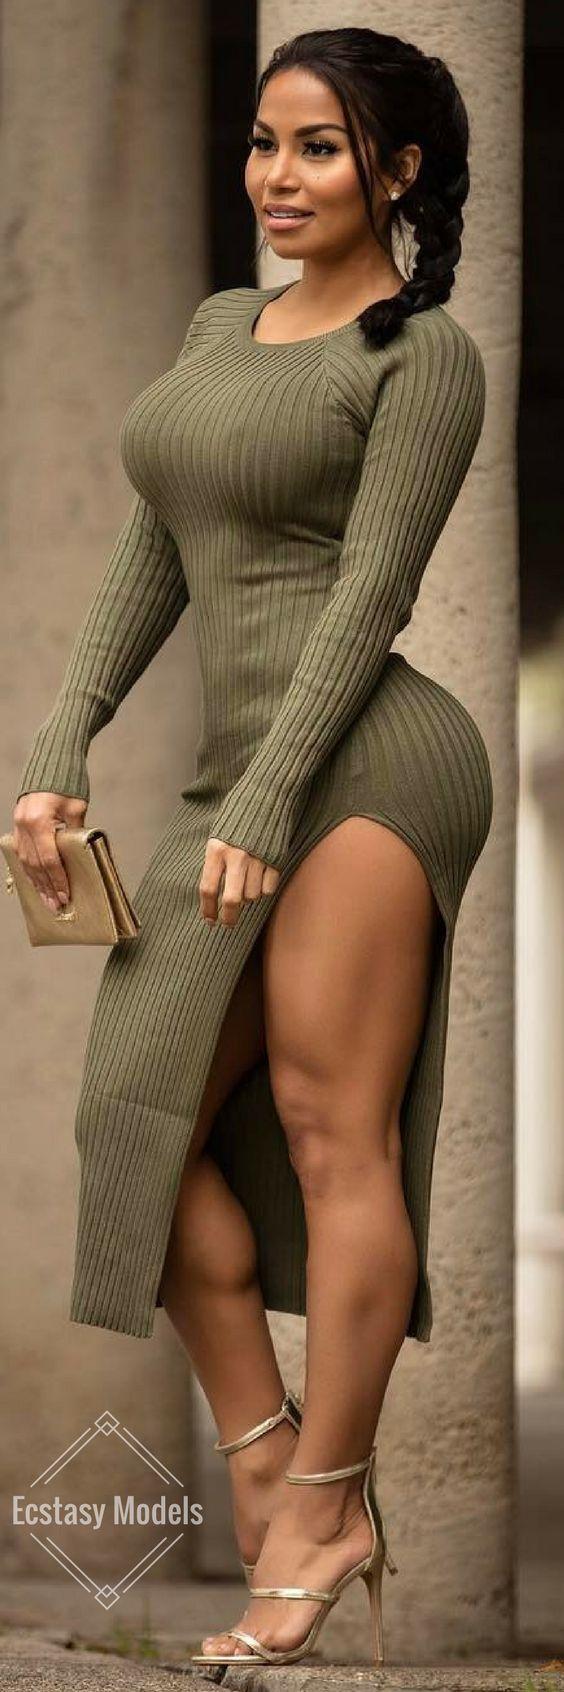 Jenni Rivera Tits Cheap 111 best latino/hispanic women images on pinterest | good looking